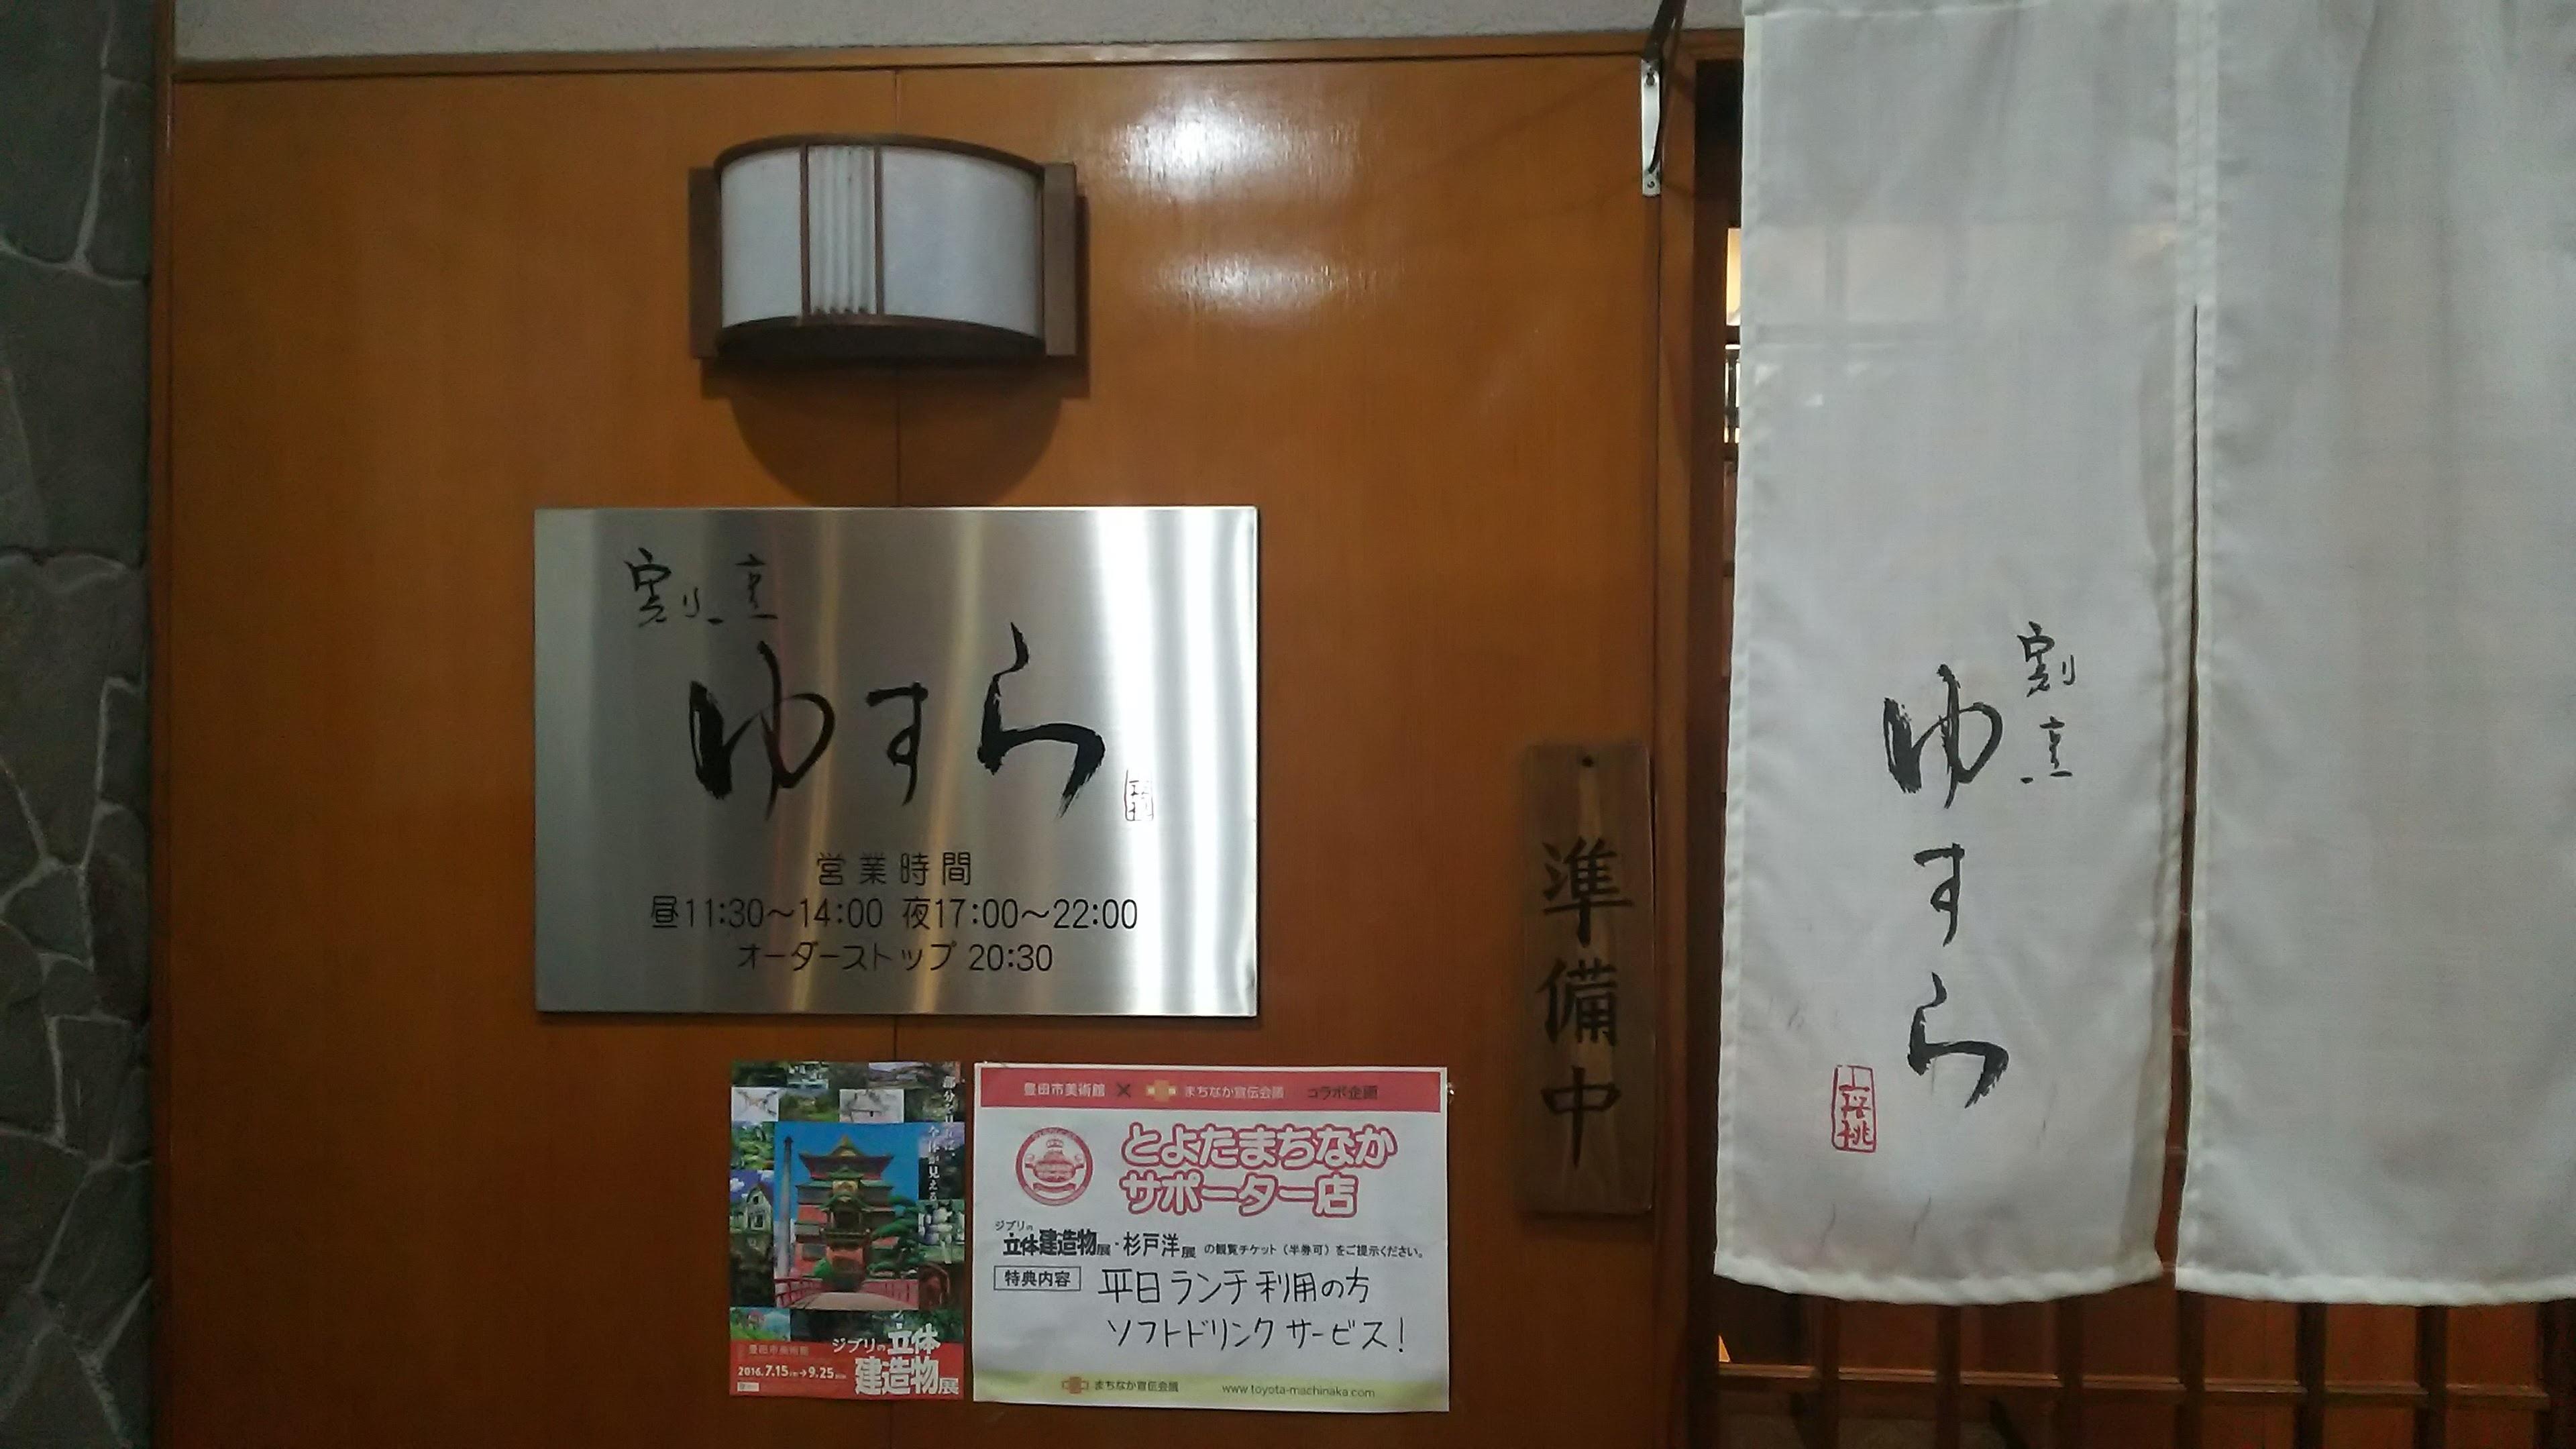 【レビュー】愛知県豊田市 割烹ゆすらに行ってきた